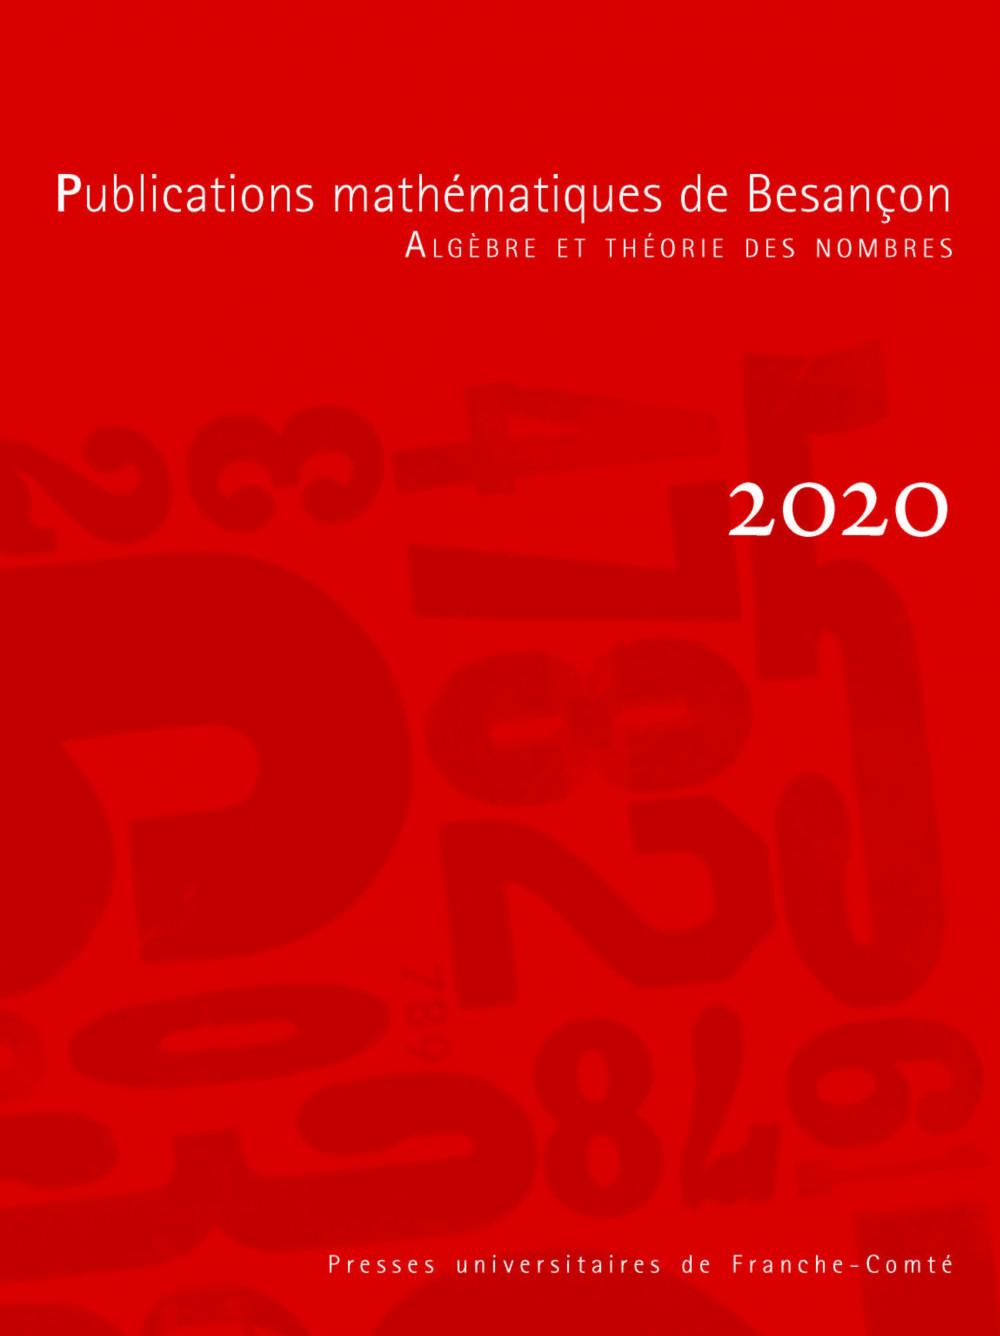 Publications mathématiques de Besançon - Algèbre et théorie des nombres - numéro 2020